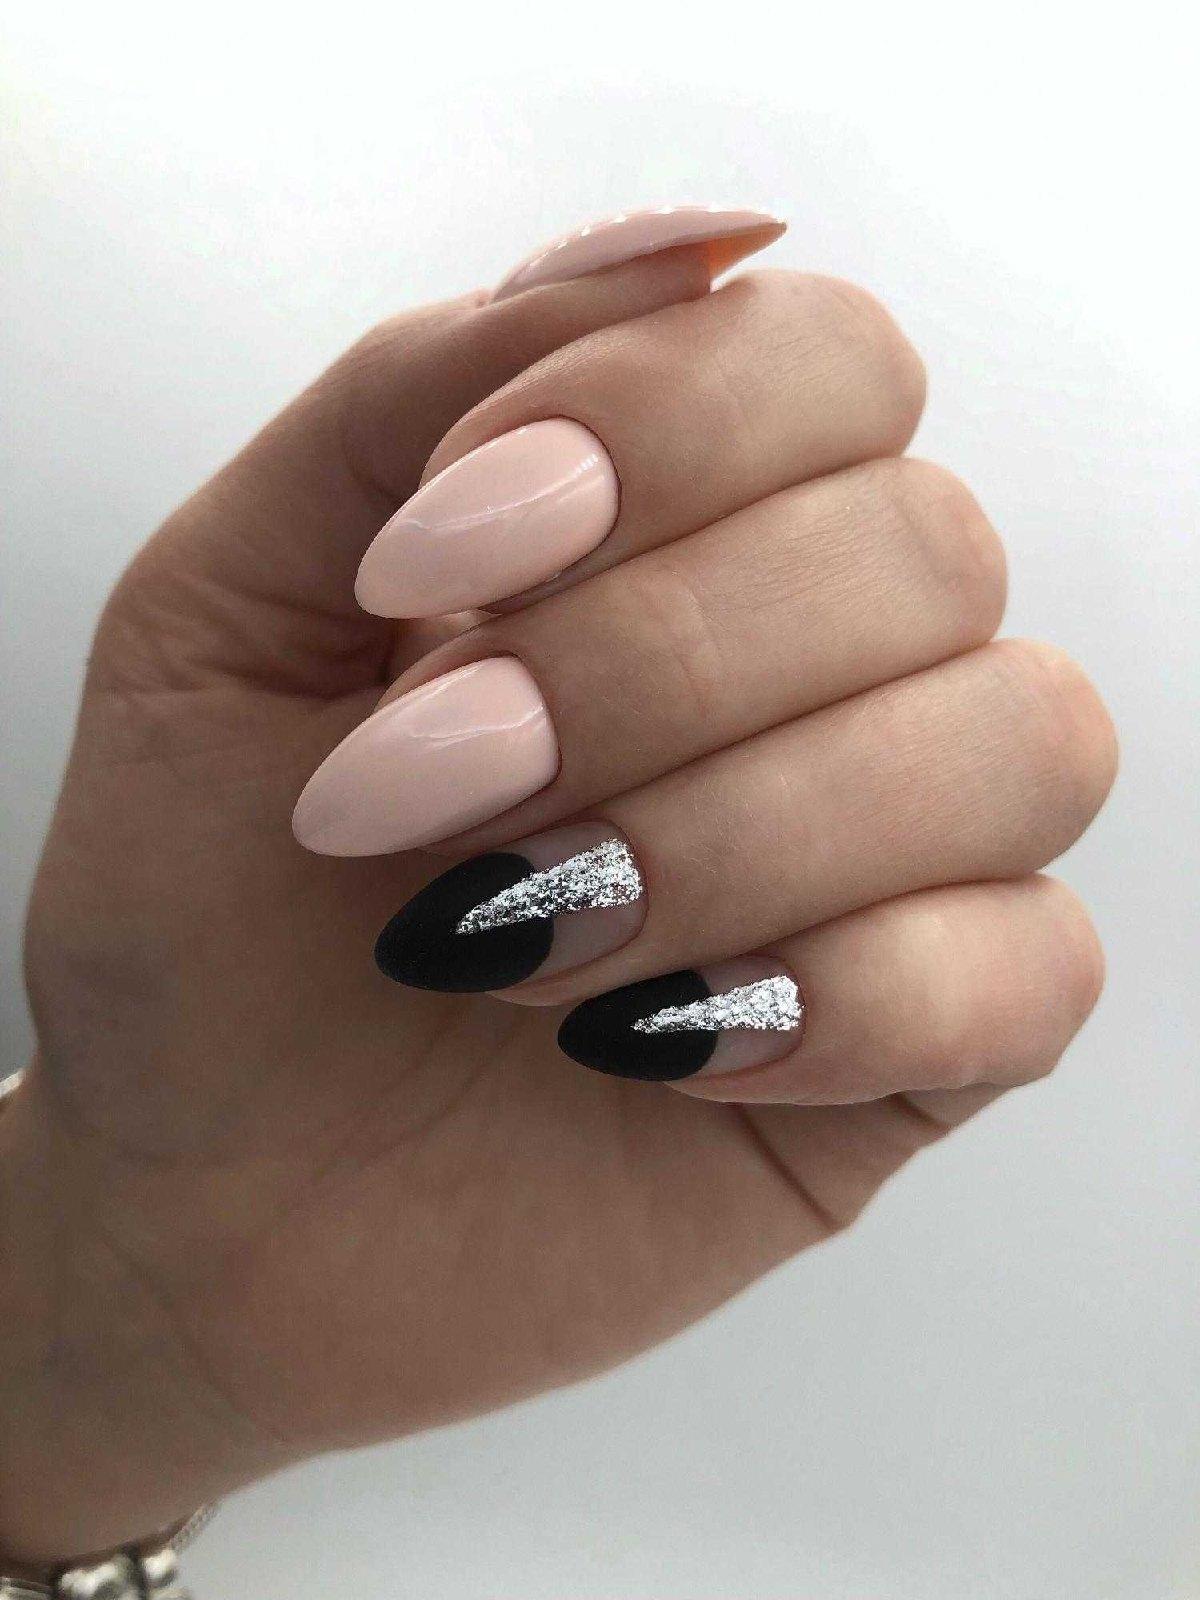 Маникюр с лунным дизайном и серебряными блестками в розовом цвете.